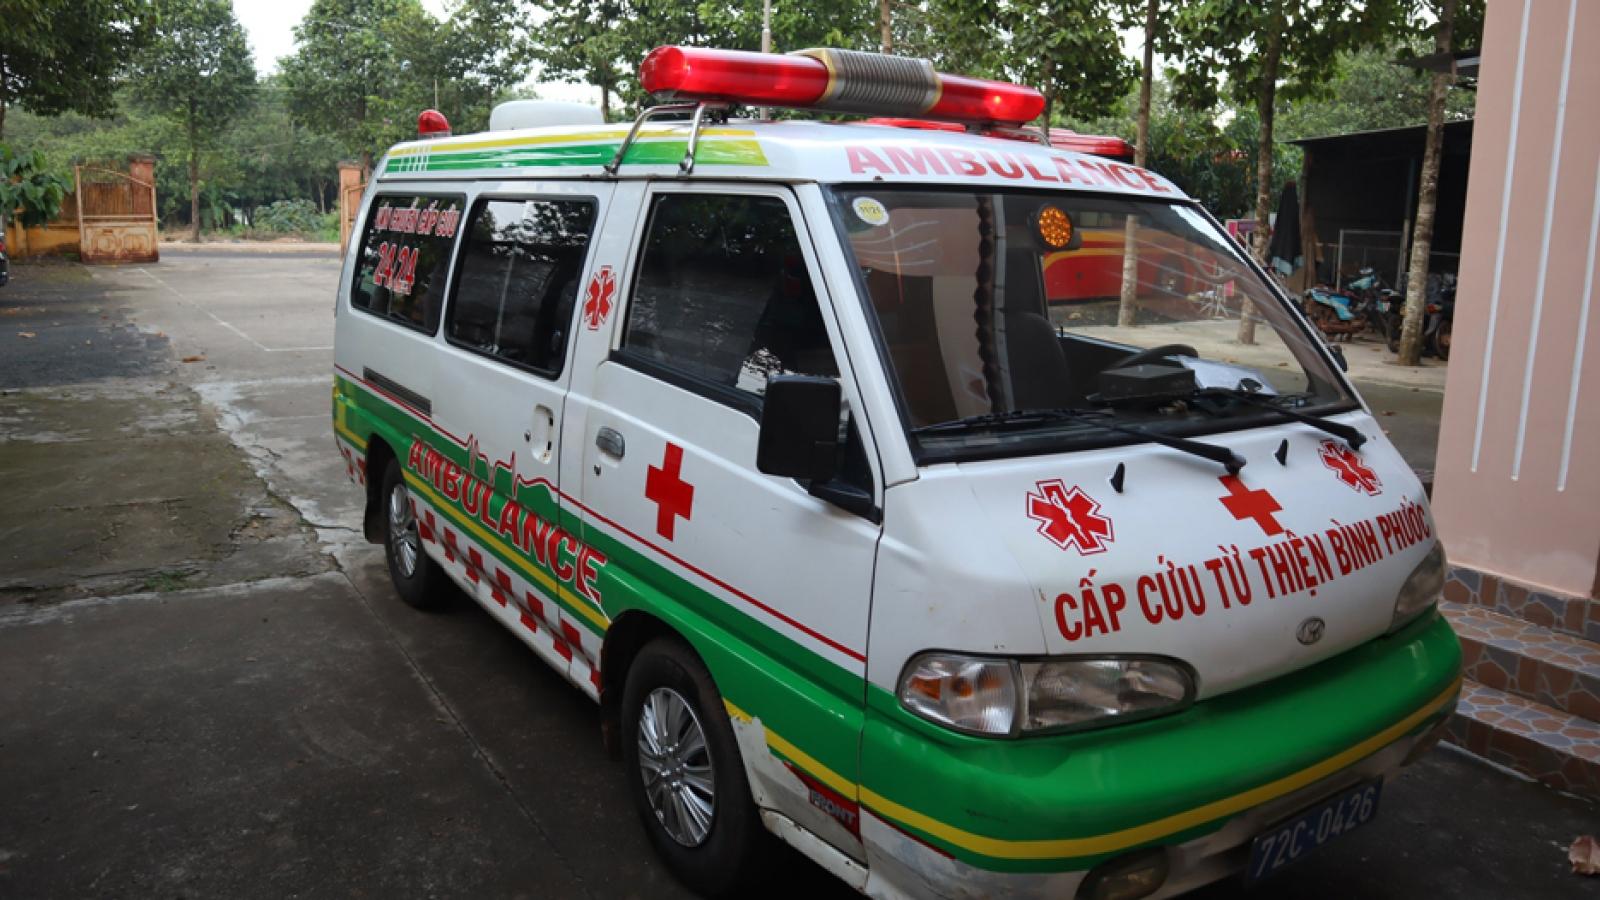 Tài xế xe cấp cứu từ thiện bị bắt vì vận chuyển ma túy